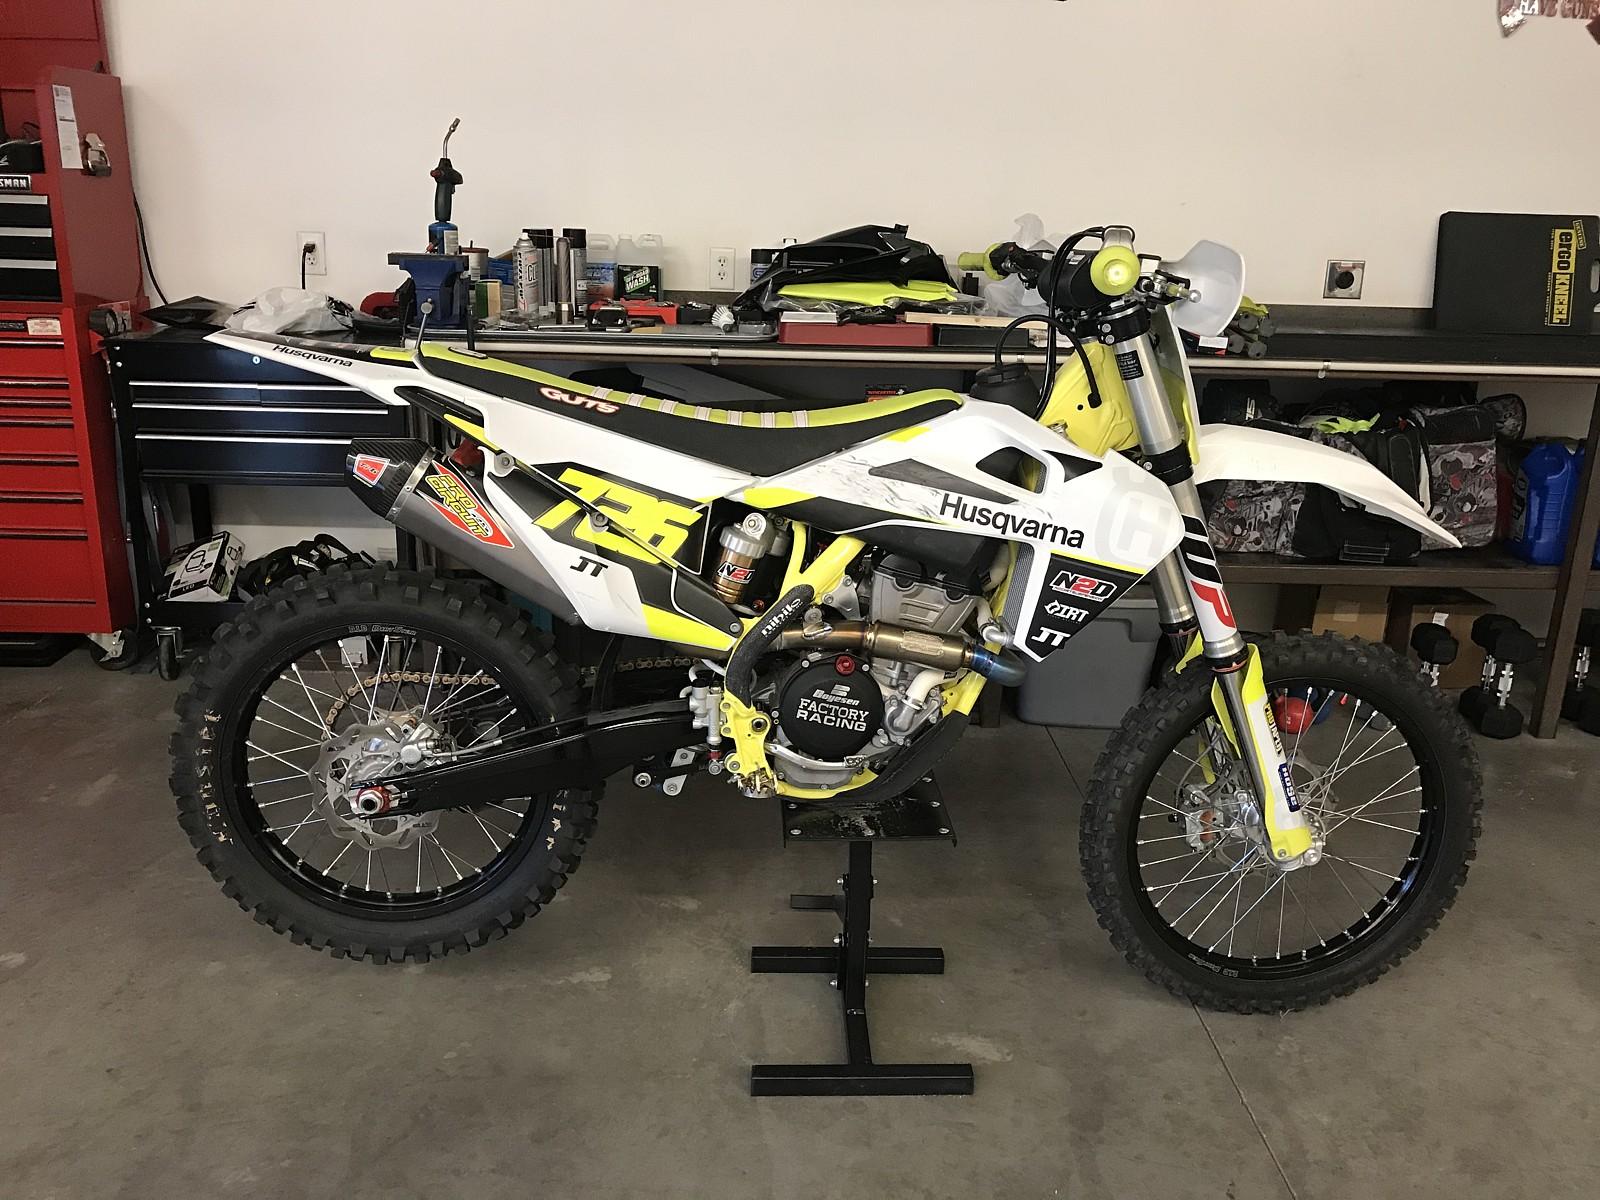 CF647988-46BB-44A4-A4EA-3E806DCA943E - Jt726 - Motocross Pictures - Vital MX